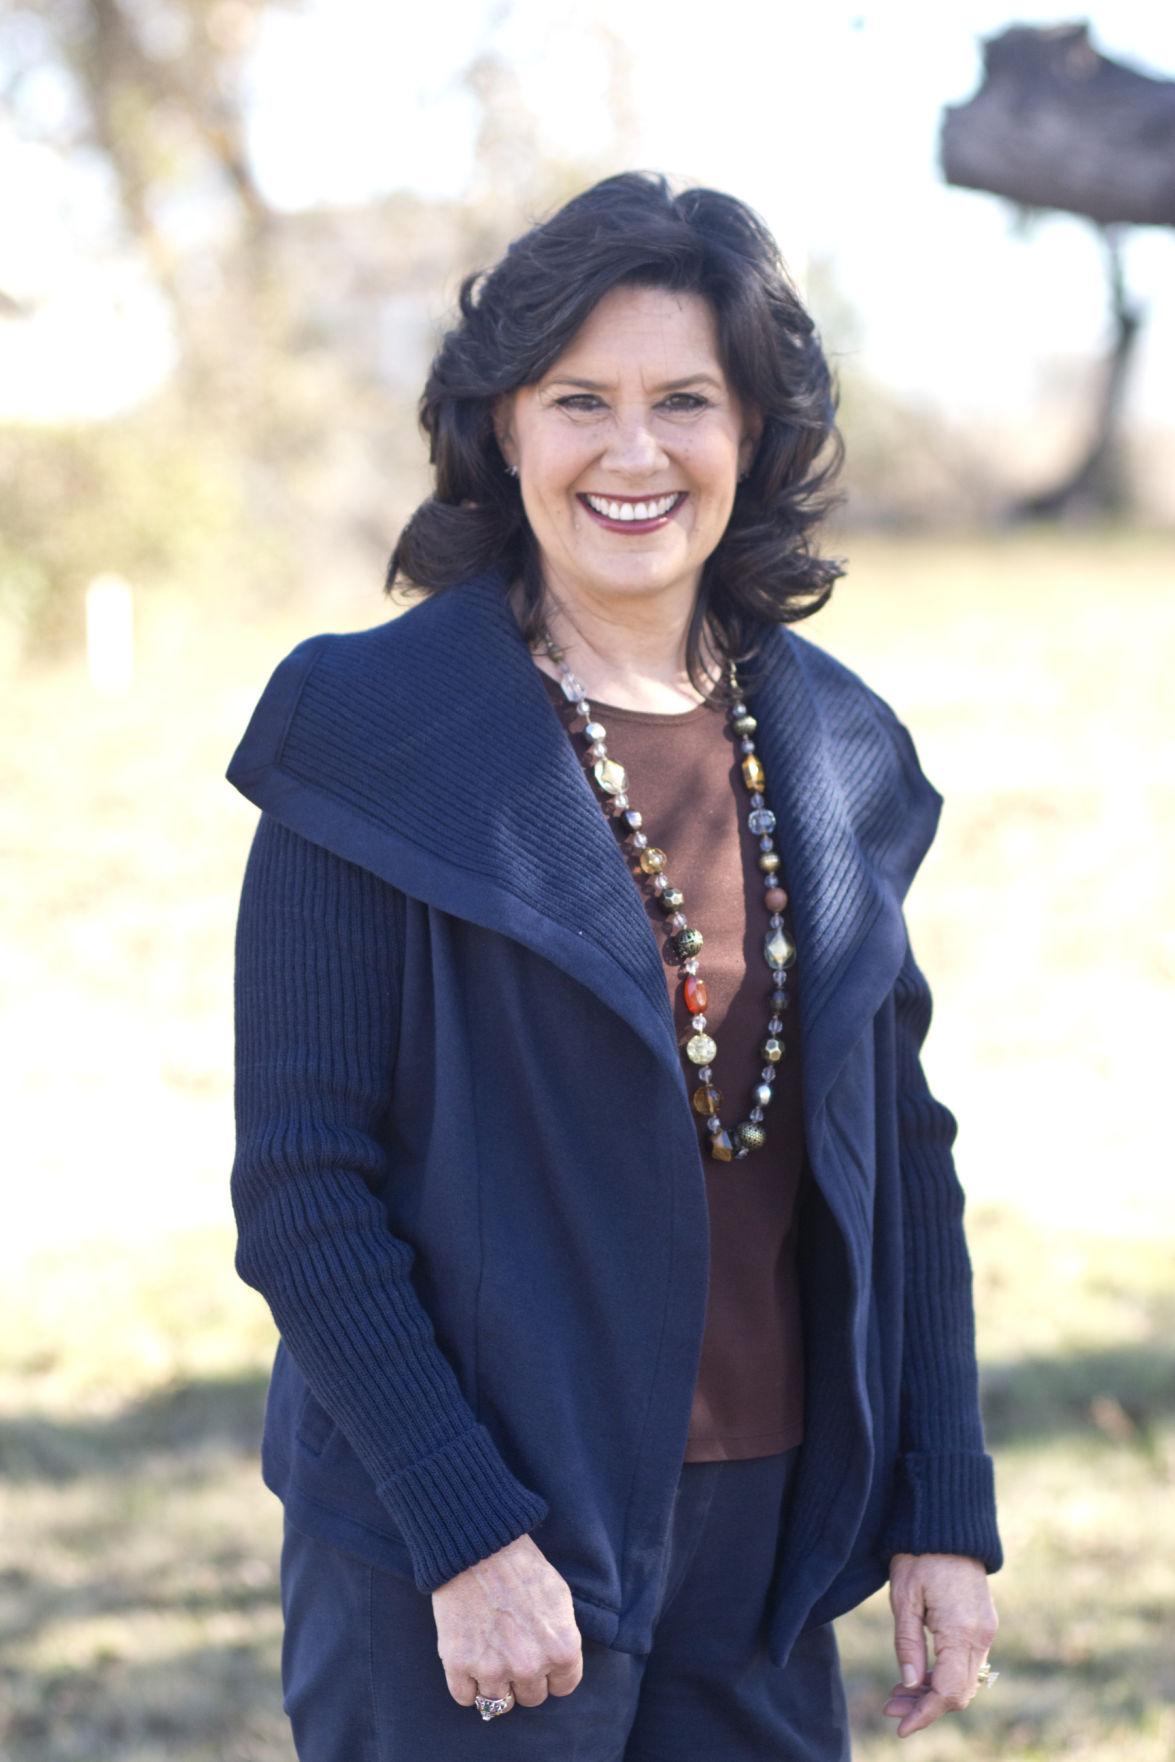 Cathy Marchel